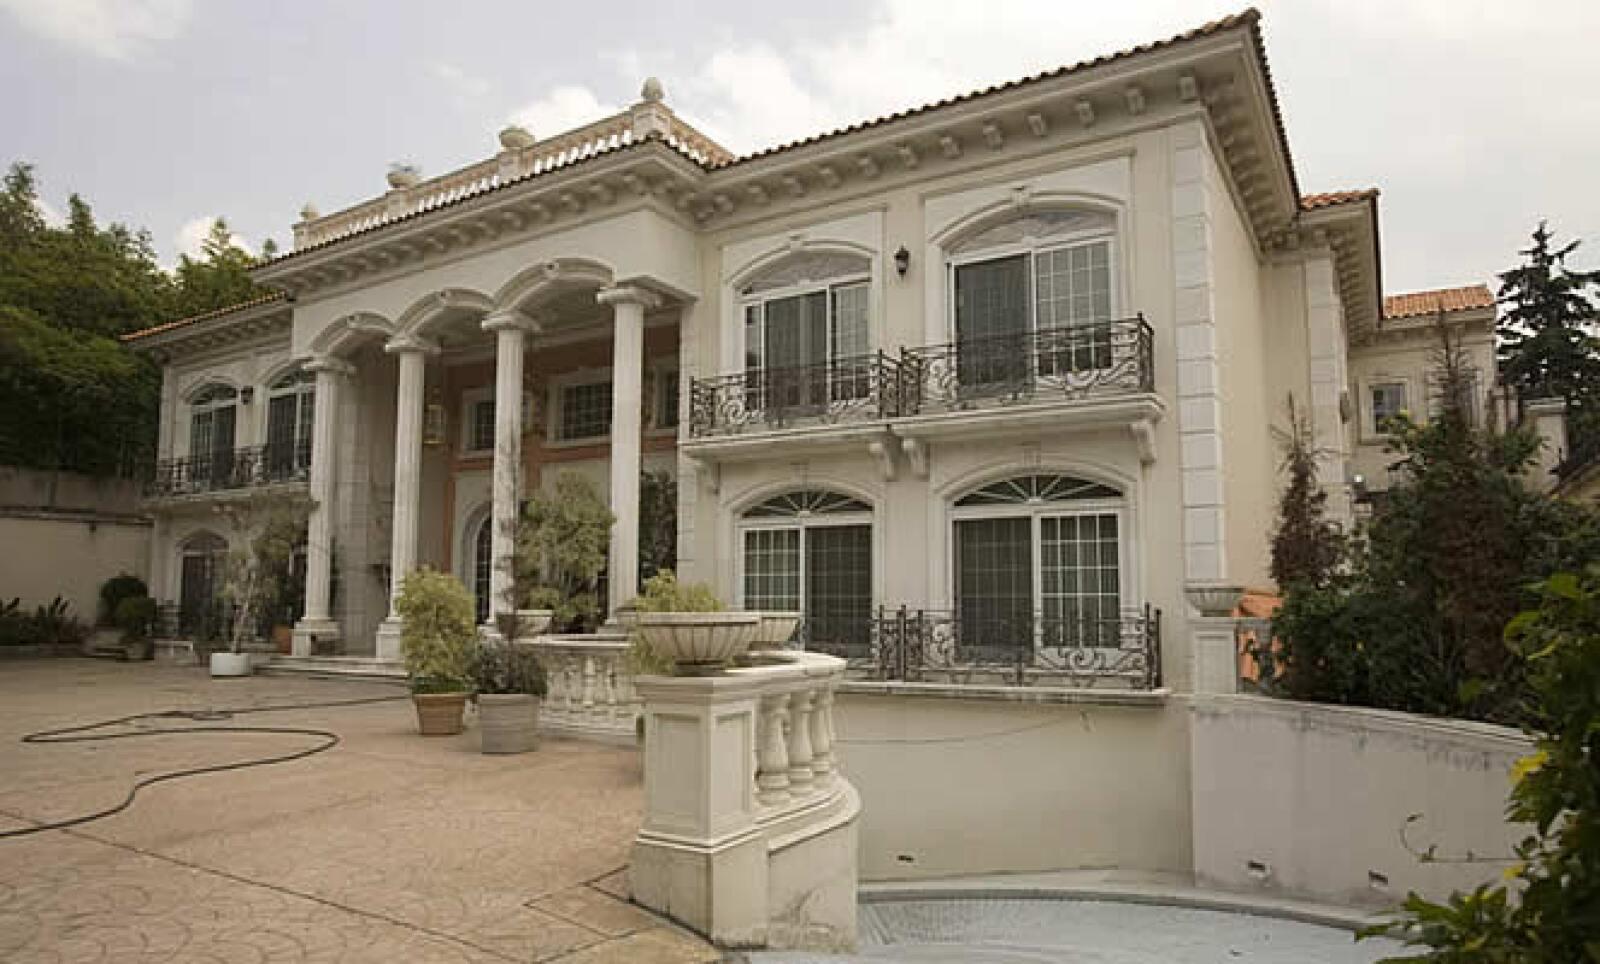 La casa de Zen Li Ye Gon en Lomas de Chapultepec, donde en marzo de 2007 se le decomisaron más de 205 millones de dólares en efectivo, también está a resguardo de la paraestatal.